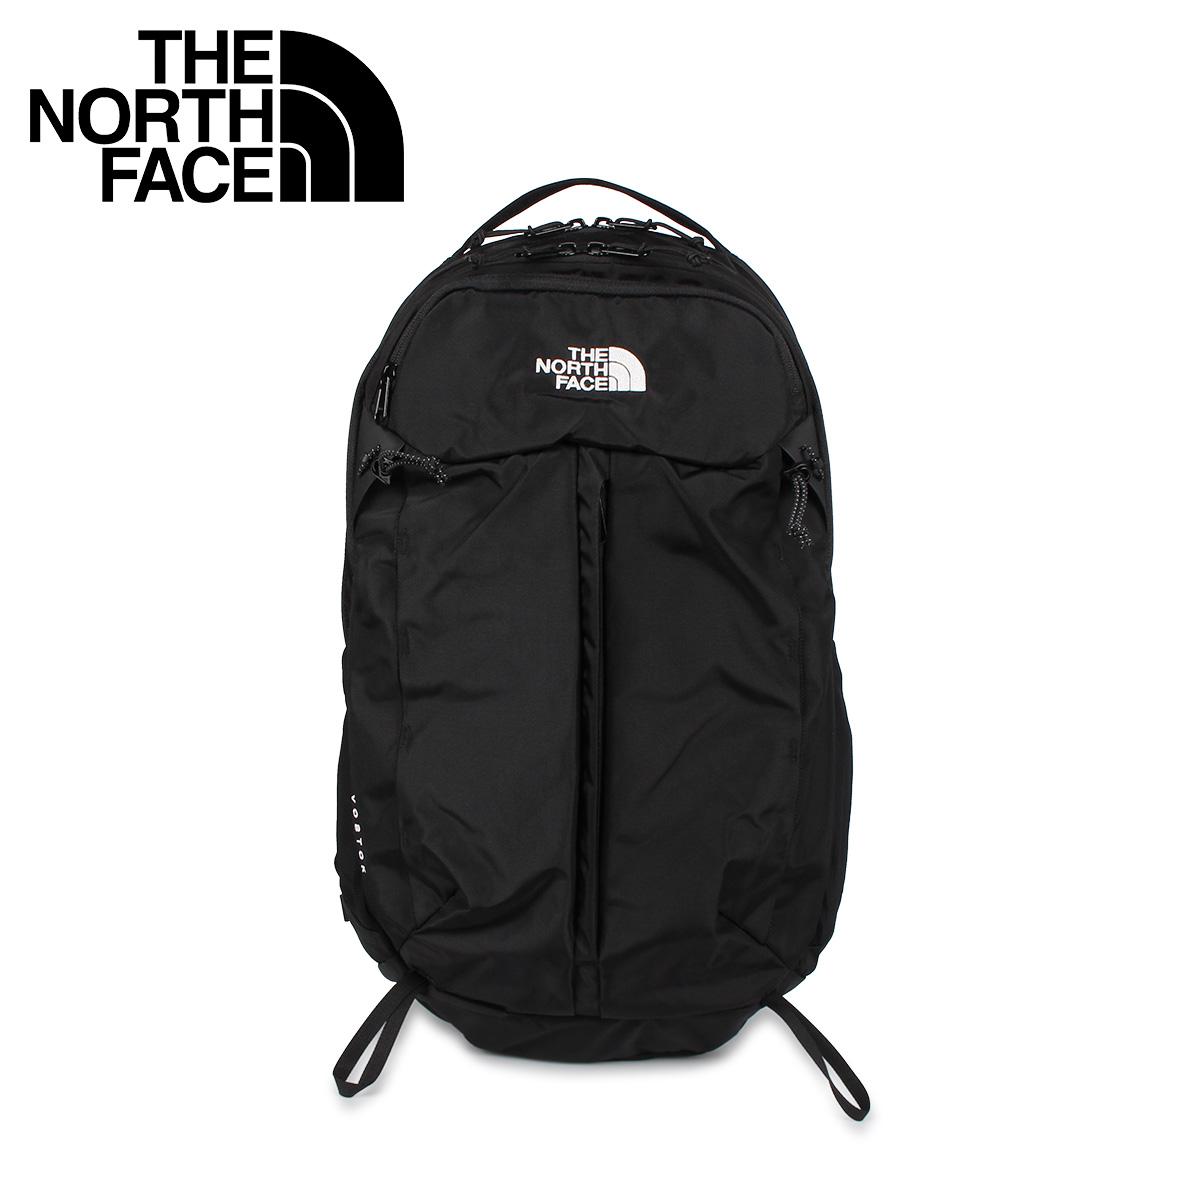 ノースフェイス THE NORTH FACE リュック バッグ バックパック ボストーク メンズ レディース 30L VOSTOK ブラック 黒 NM71959 [9/18 再入荷]